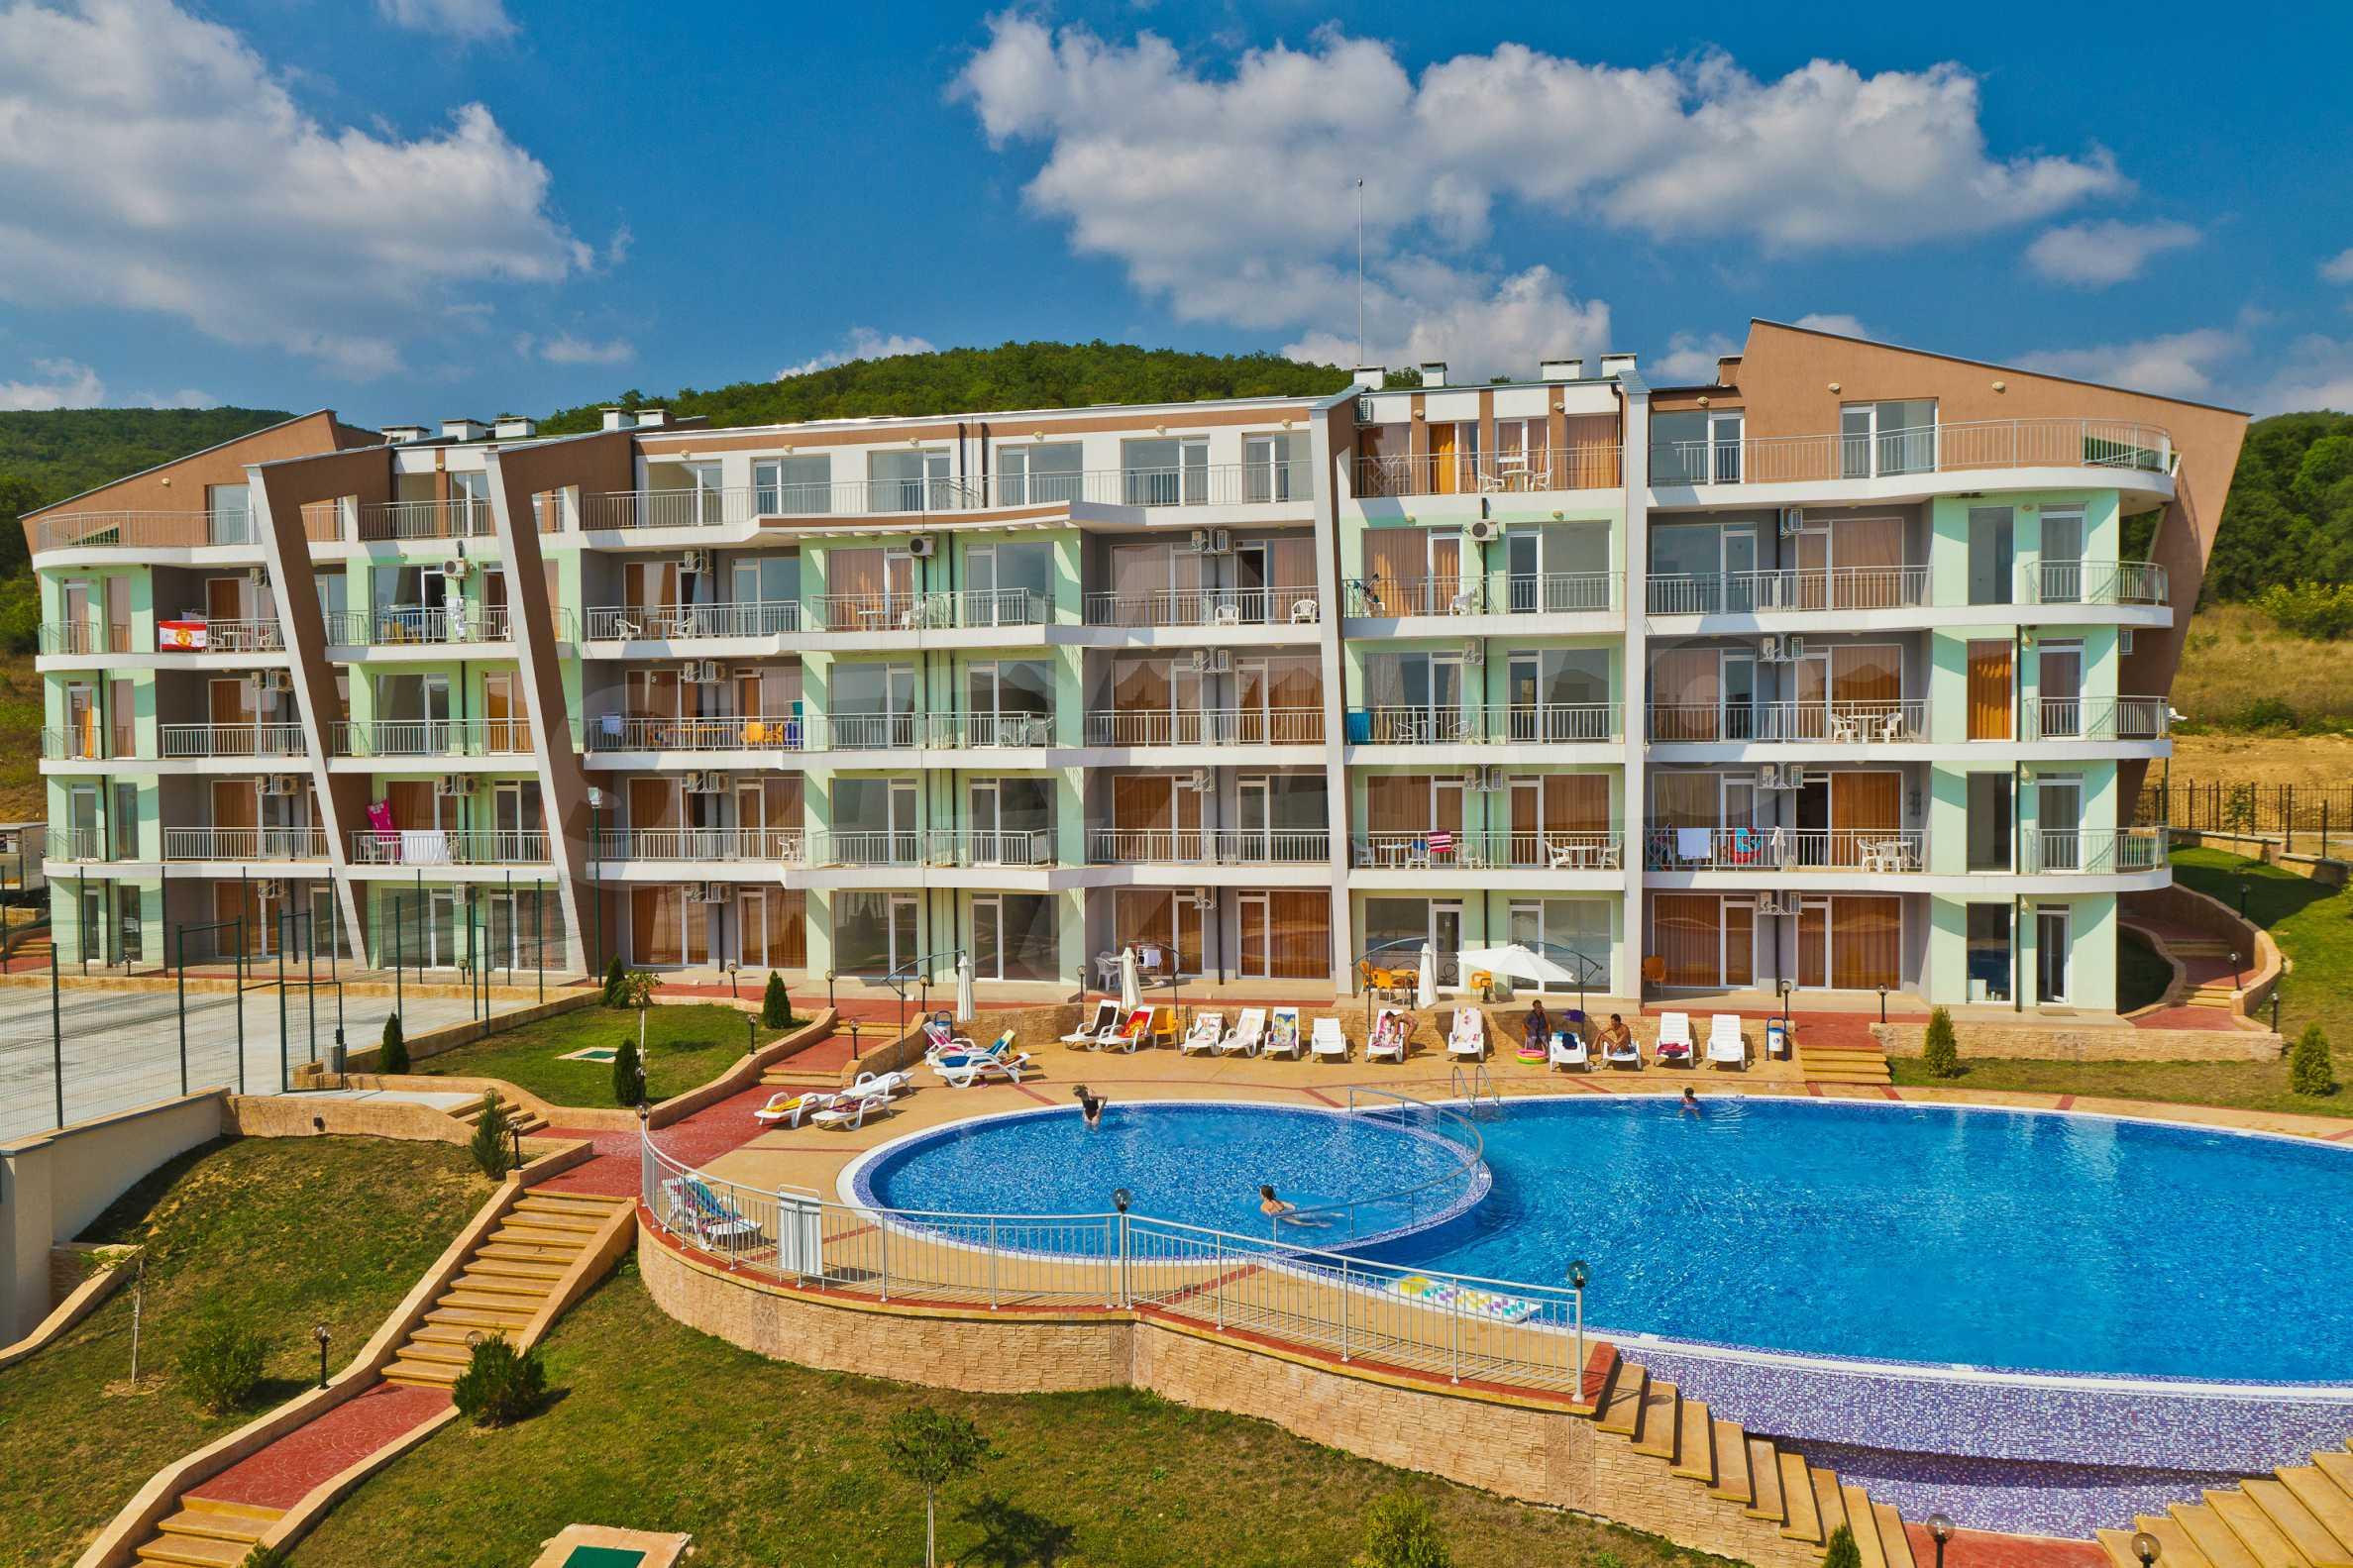 Sunset Kosharitsa - aпартаменти в атрактивен комплекс сред планината и морето, на 5 минути с кола от Слънчев бряг 3